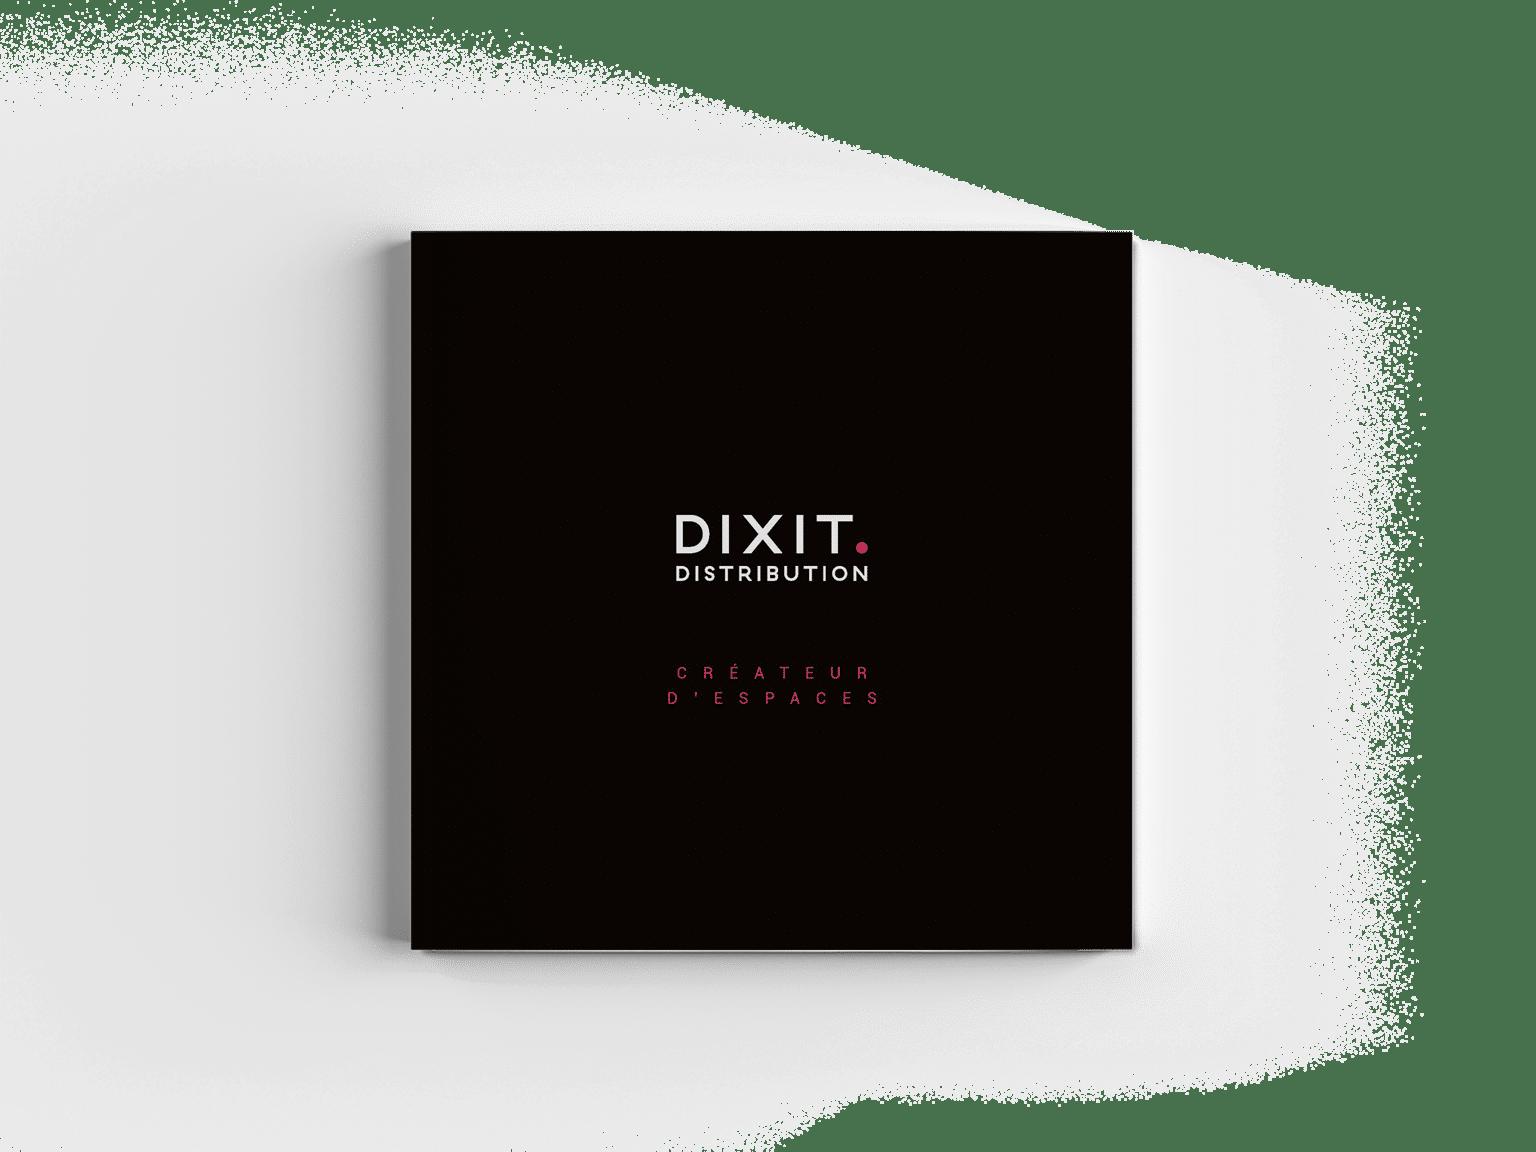 Création couverture catalogue Dixit pour son nouveau positionnement, par l'agence de création Siouxe, à Paris.